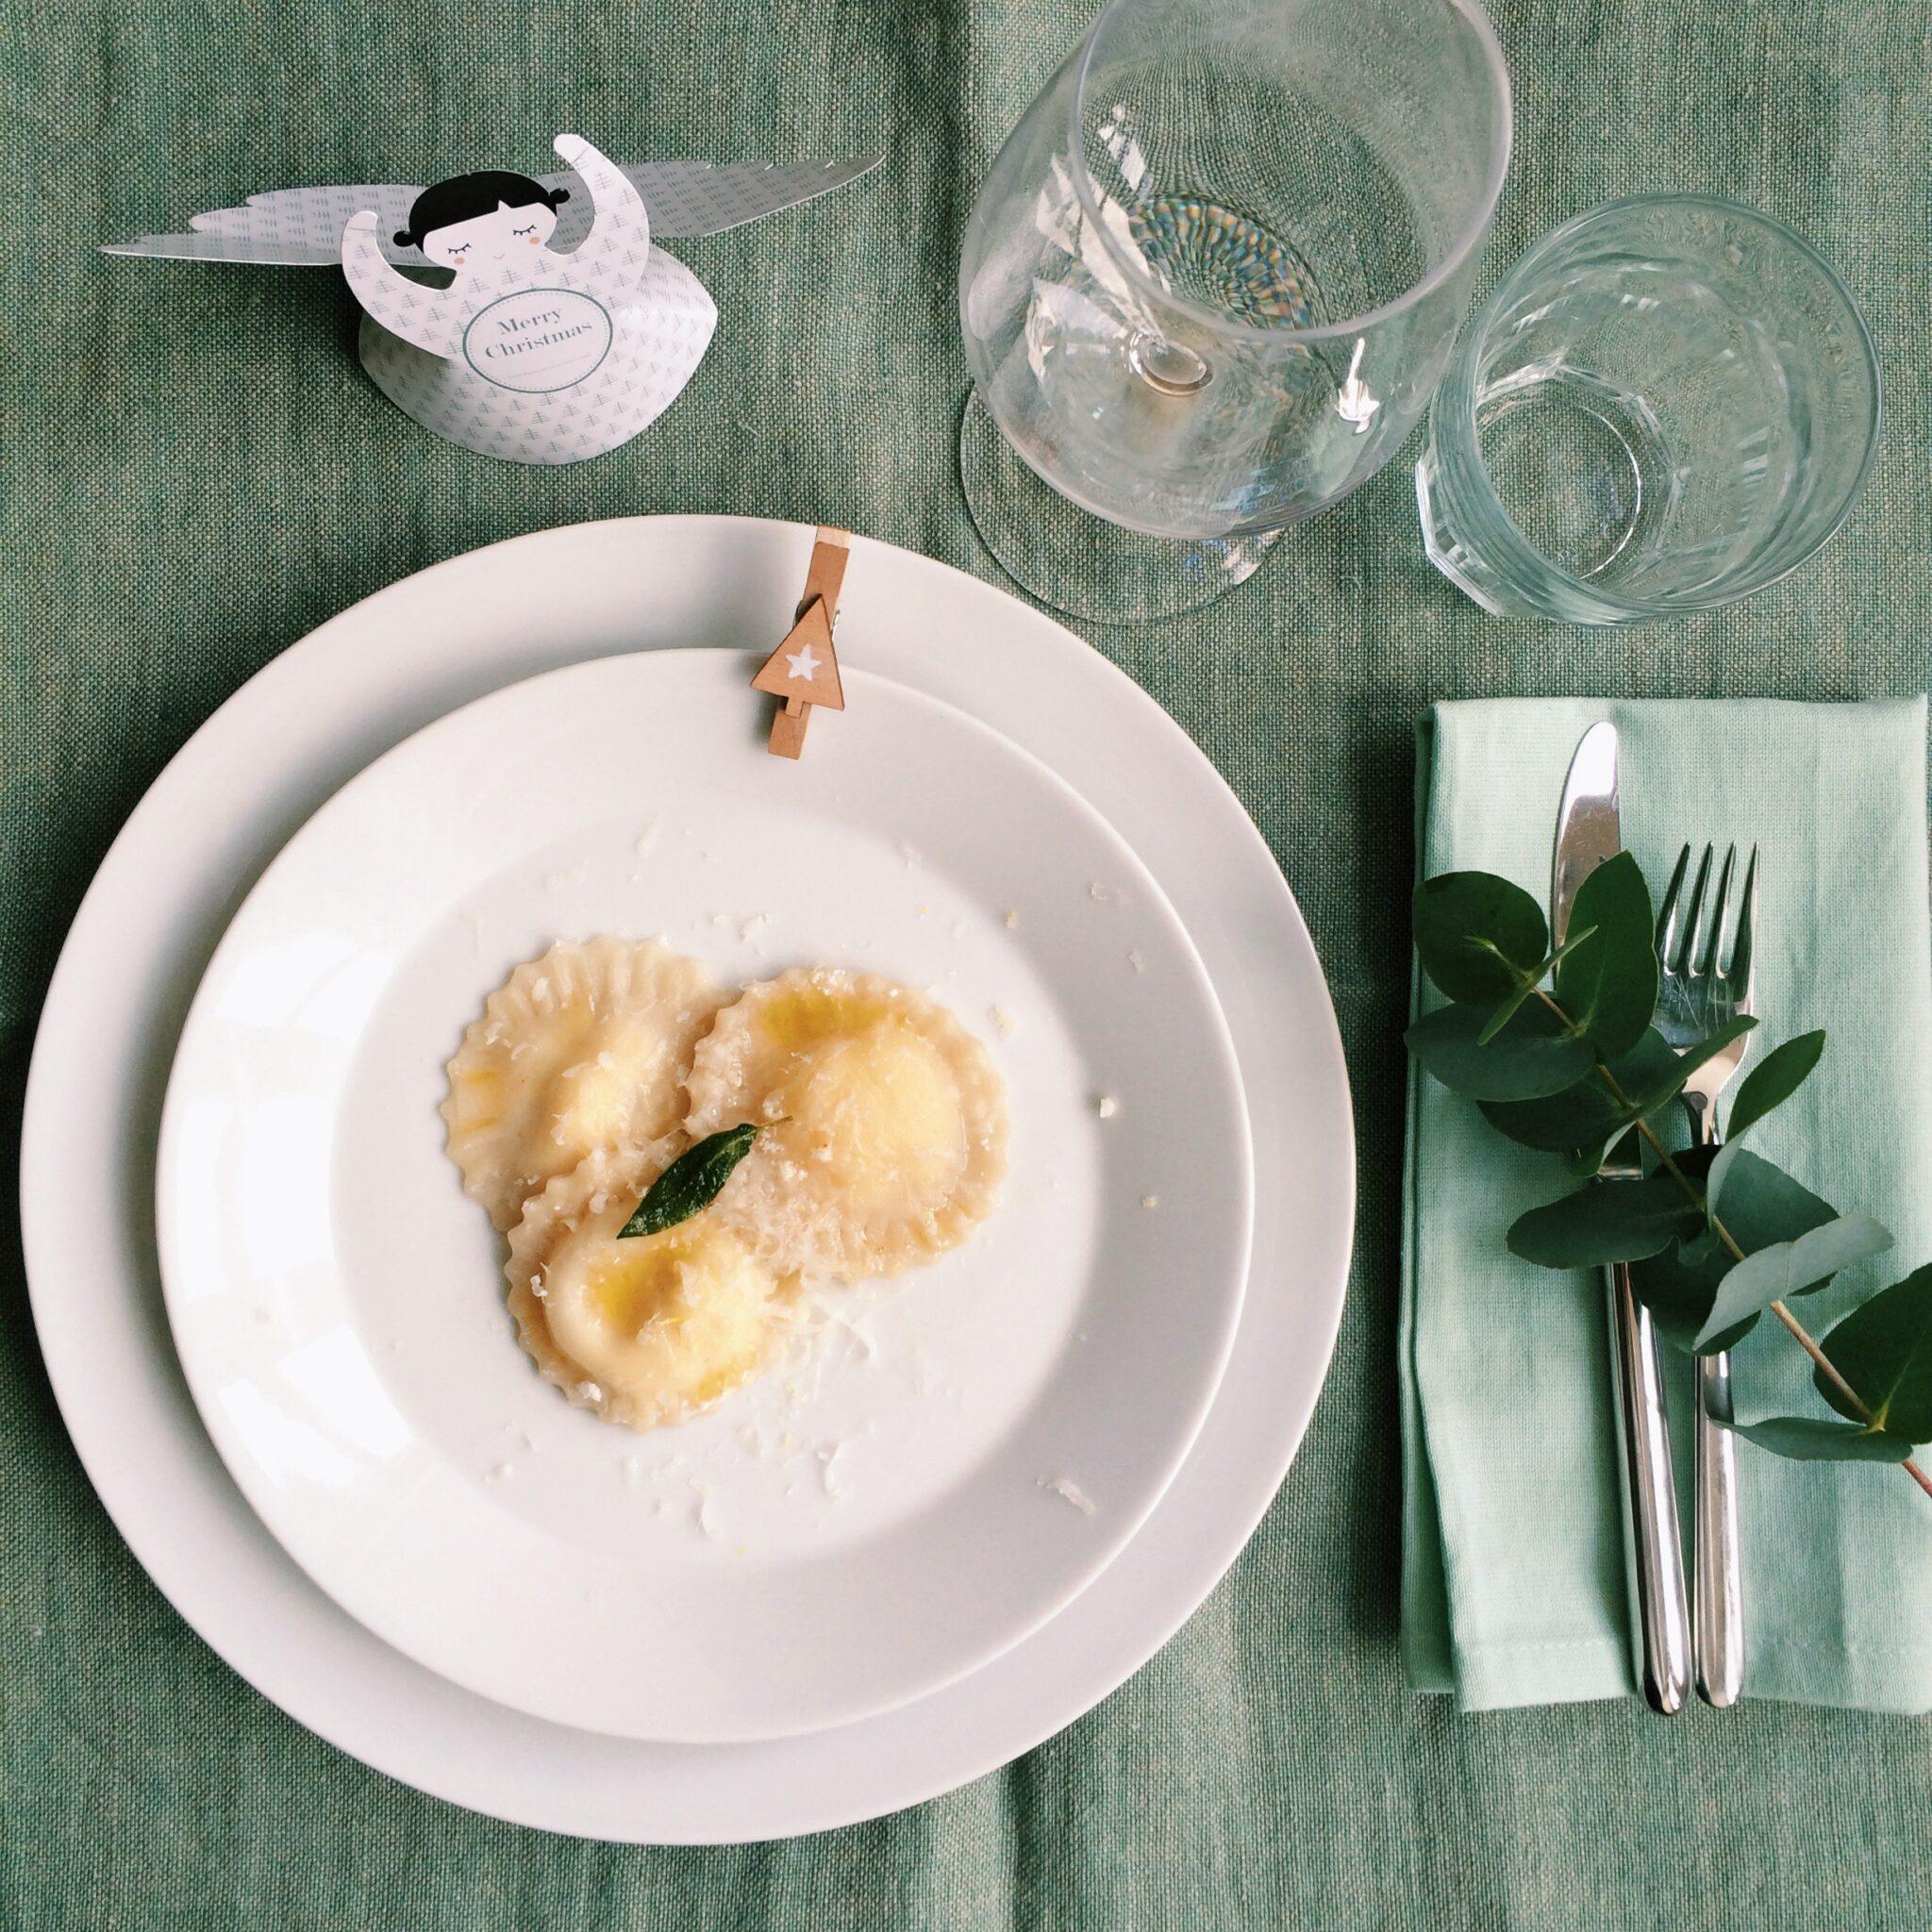 IMG 7104 e1413669830621 - Ravioli met citroen en ricotta voor kerst